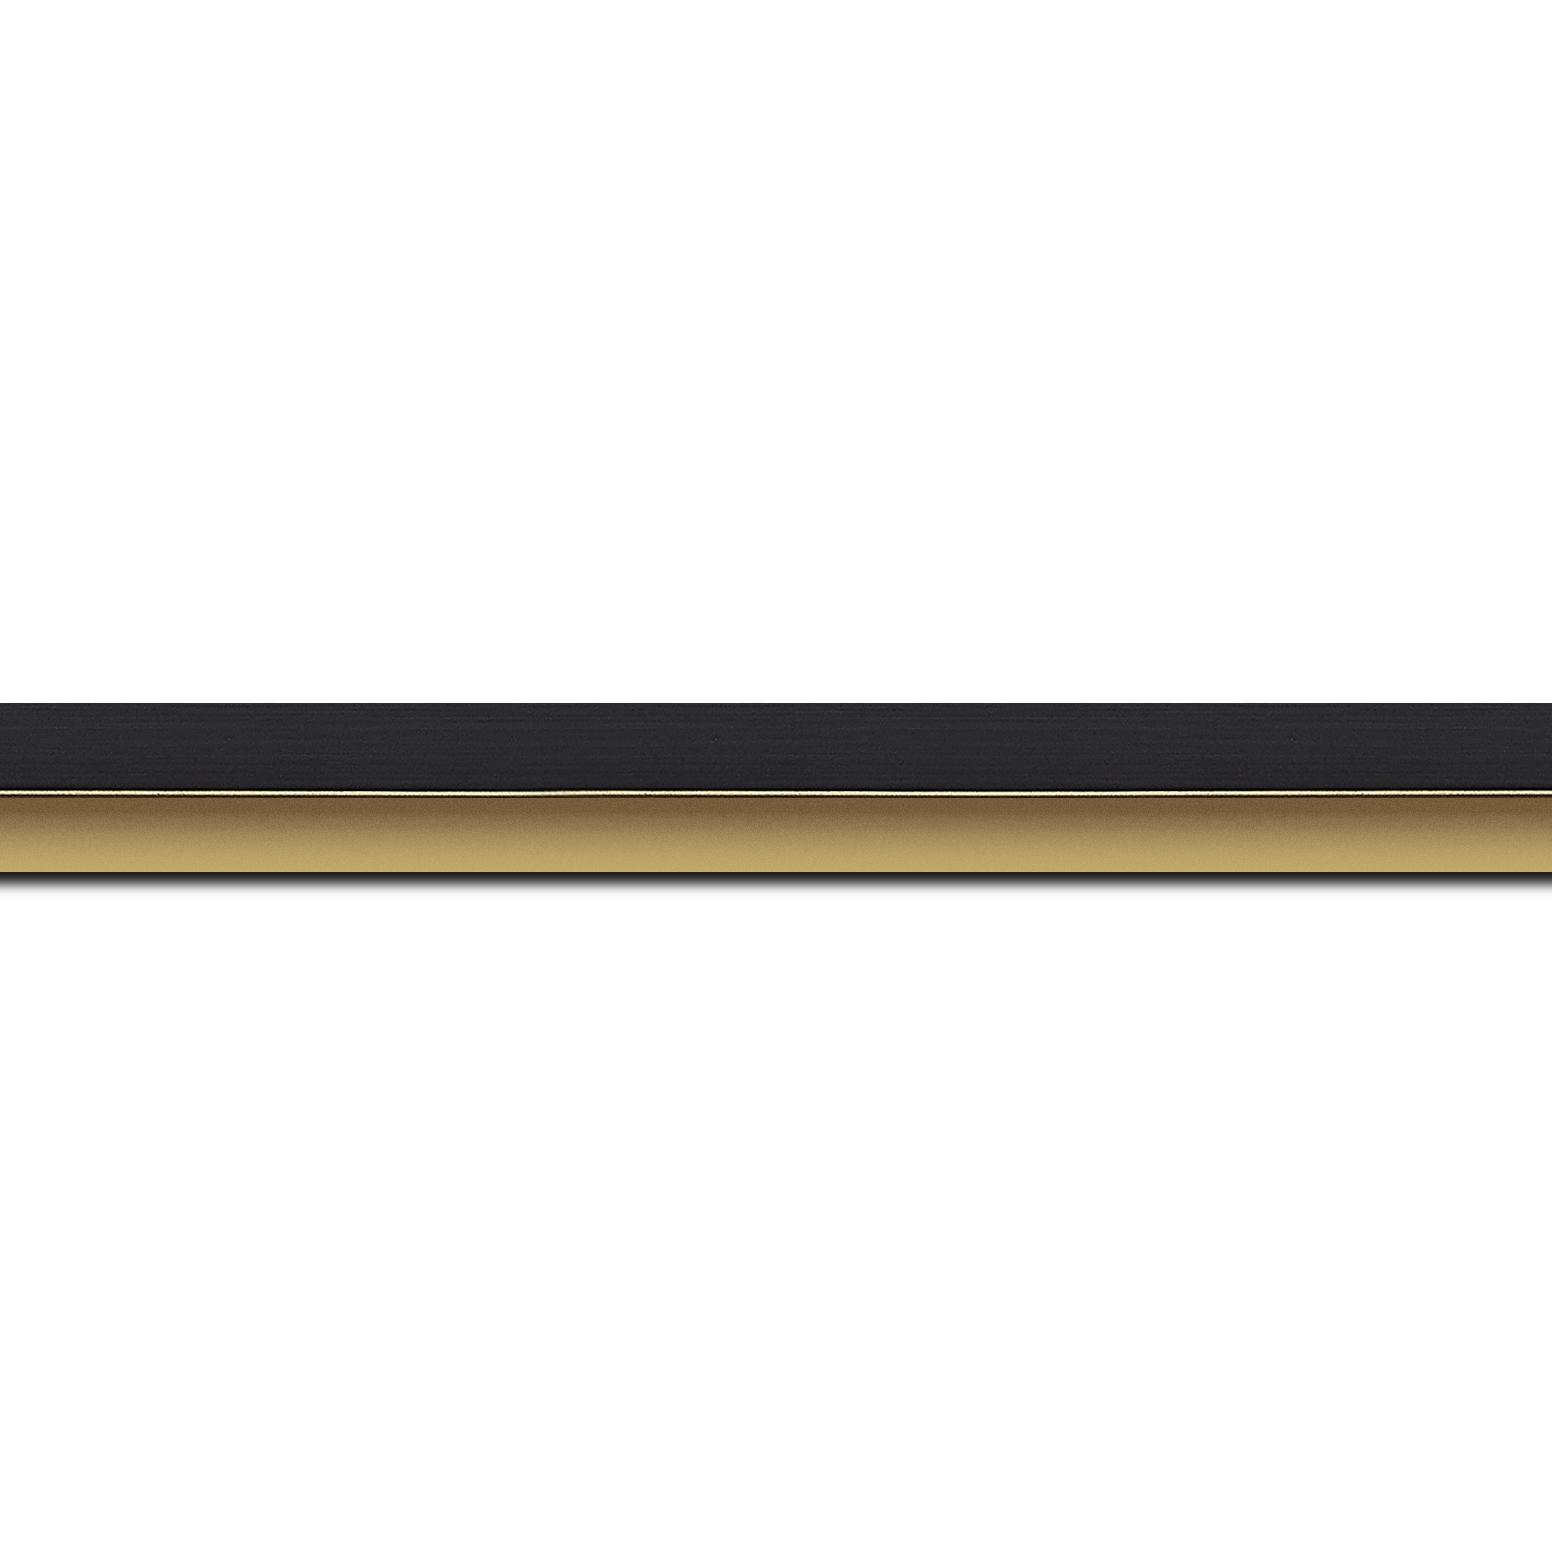 Baguette longueur 1.40m bois profil plat largeur 1.6cm couleur noir mat finition pore bouché filet or mat en retrait de la face du cadre de 6mm assurant un effet très original